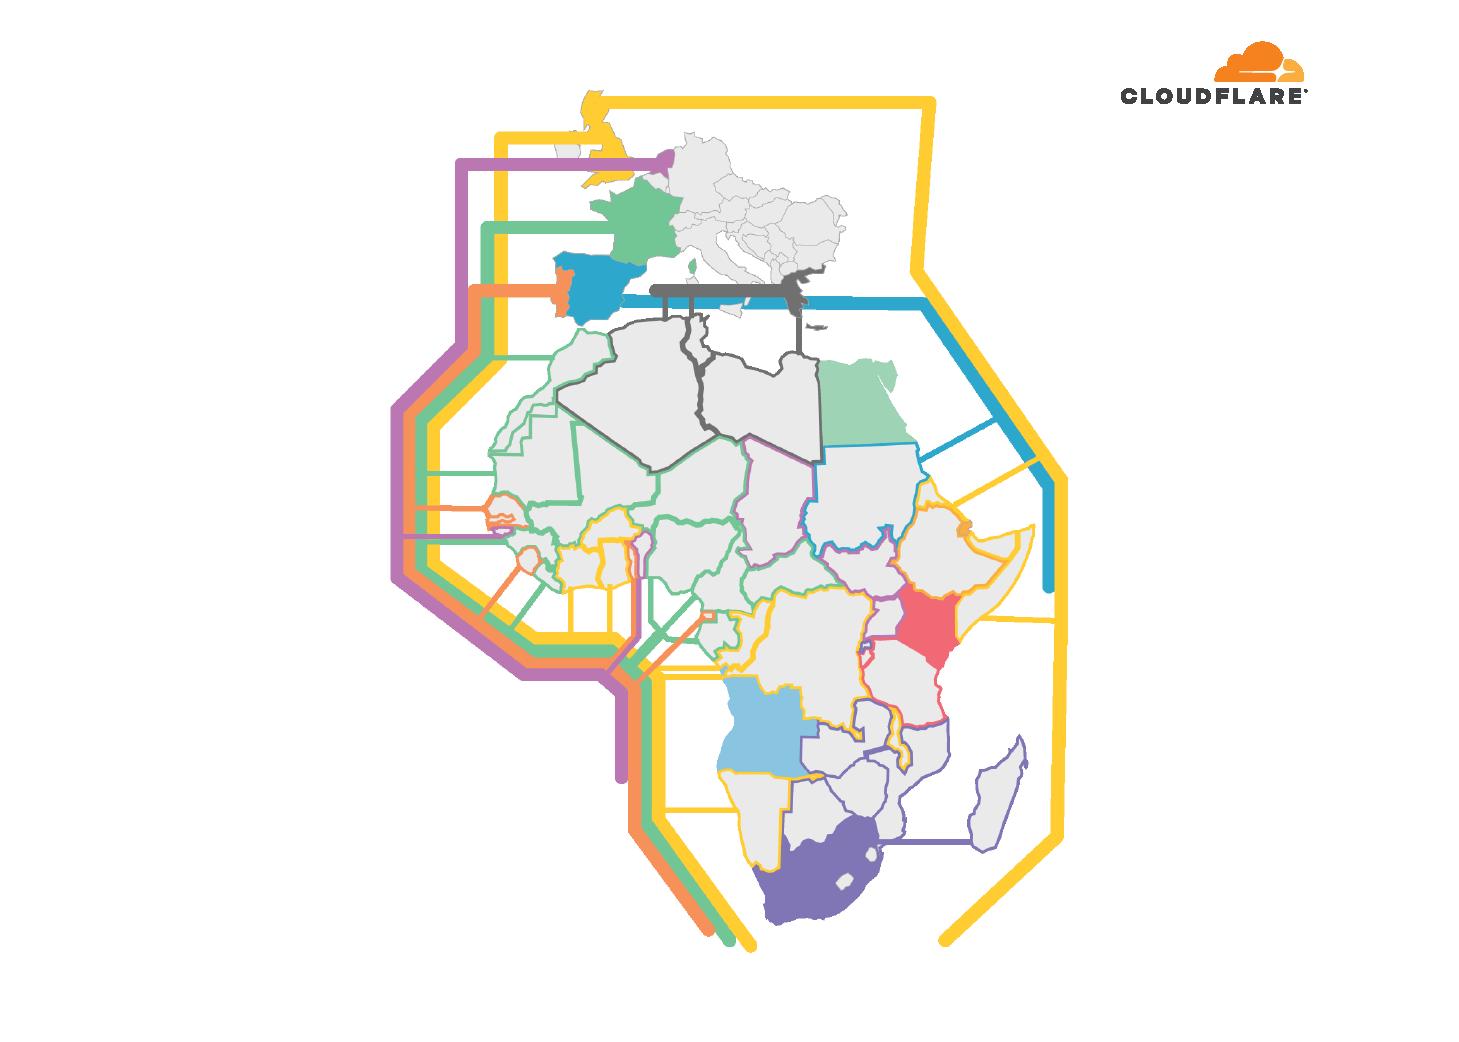 Africa next-hop Cloudflare datacenter